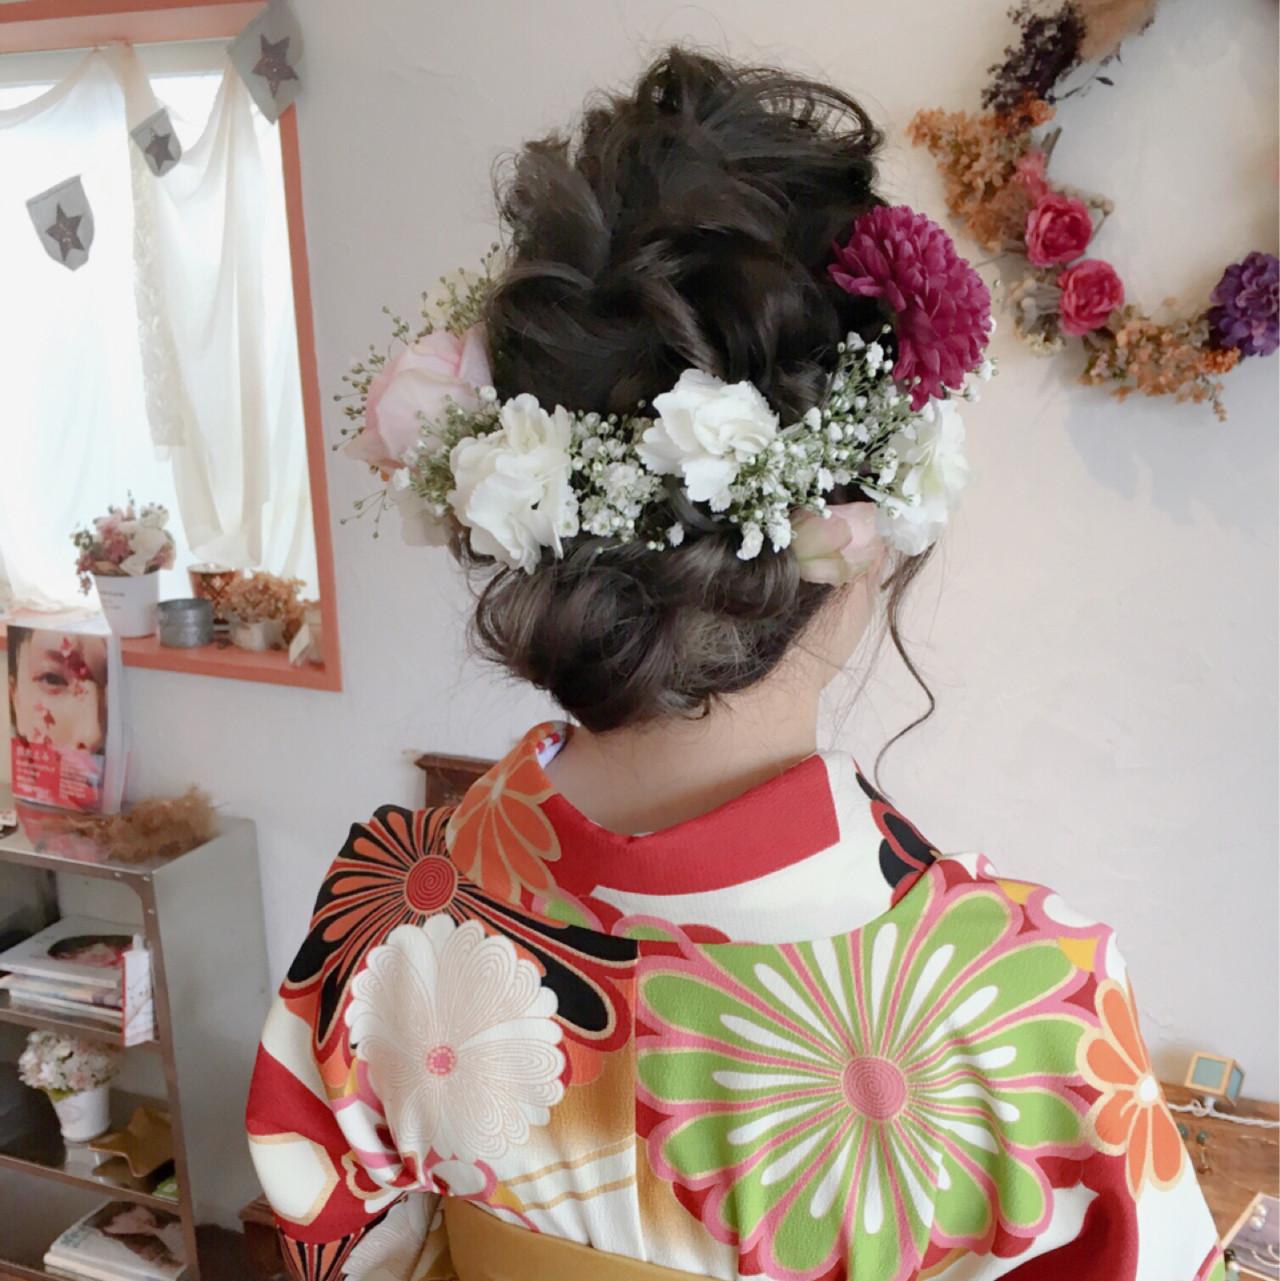 【長さ別】着物に似合う大人かわいいヘアアレンジで、はんなり美人に。 川内道子 instagram→michiko_k